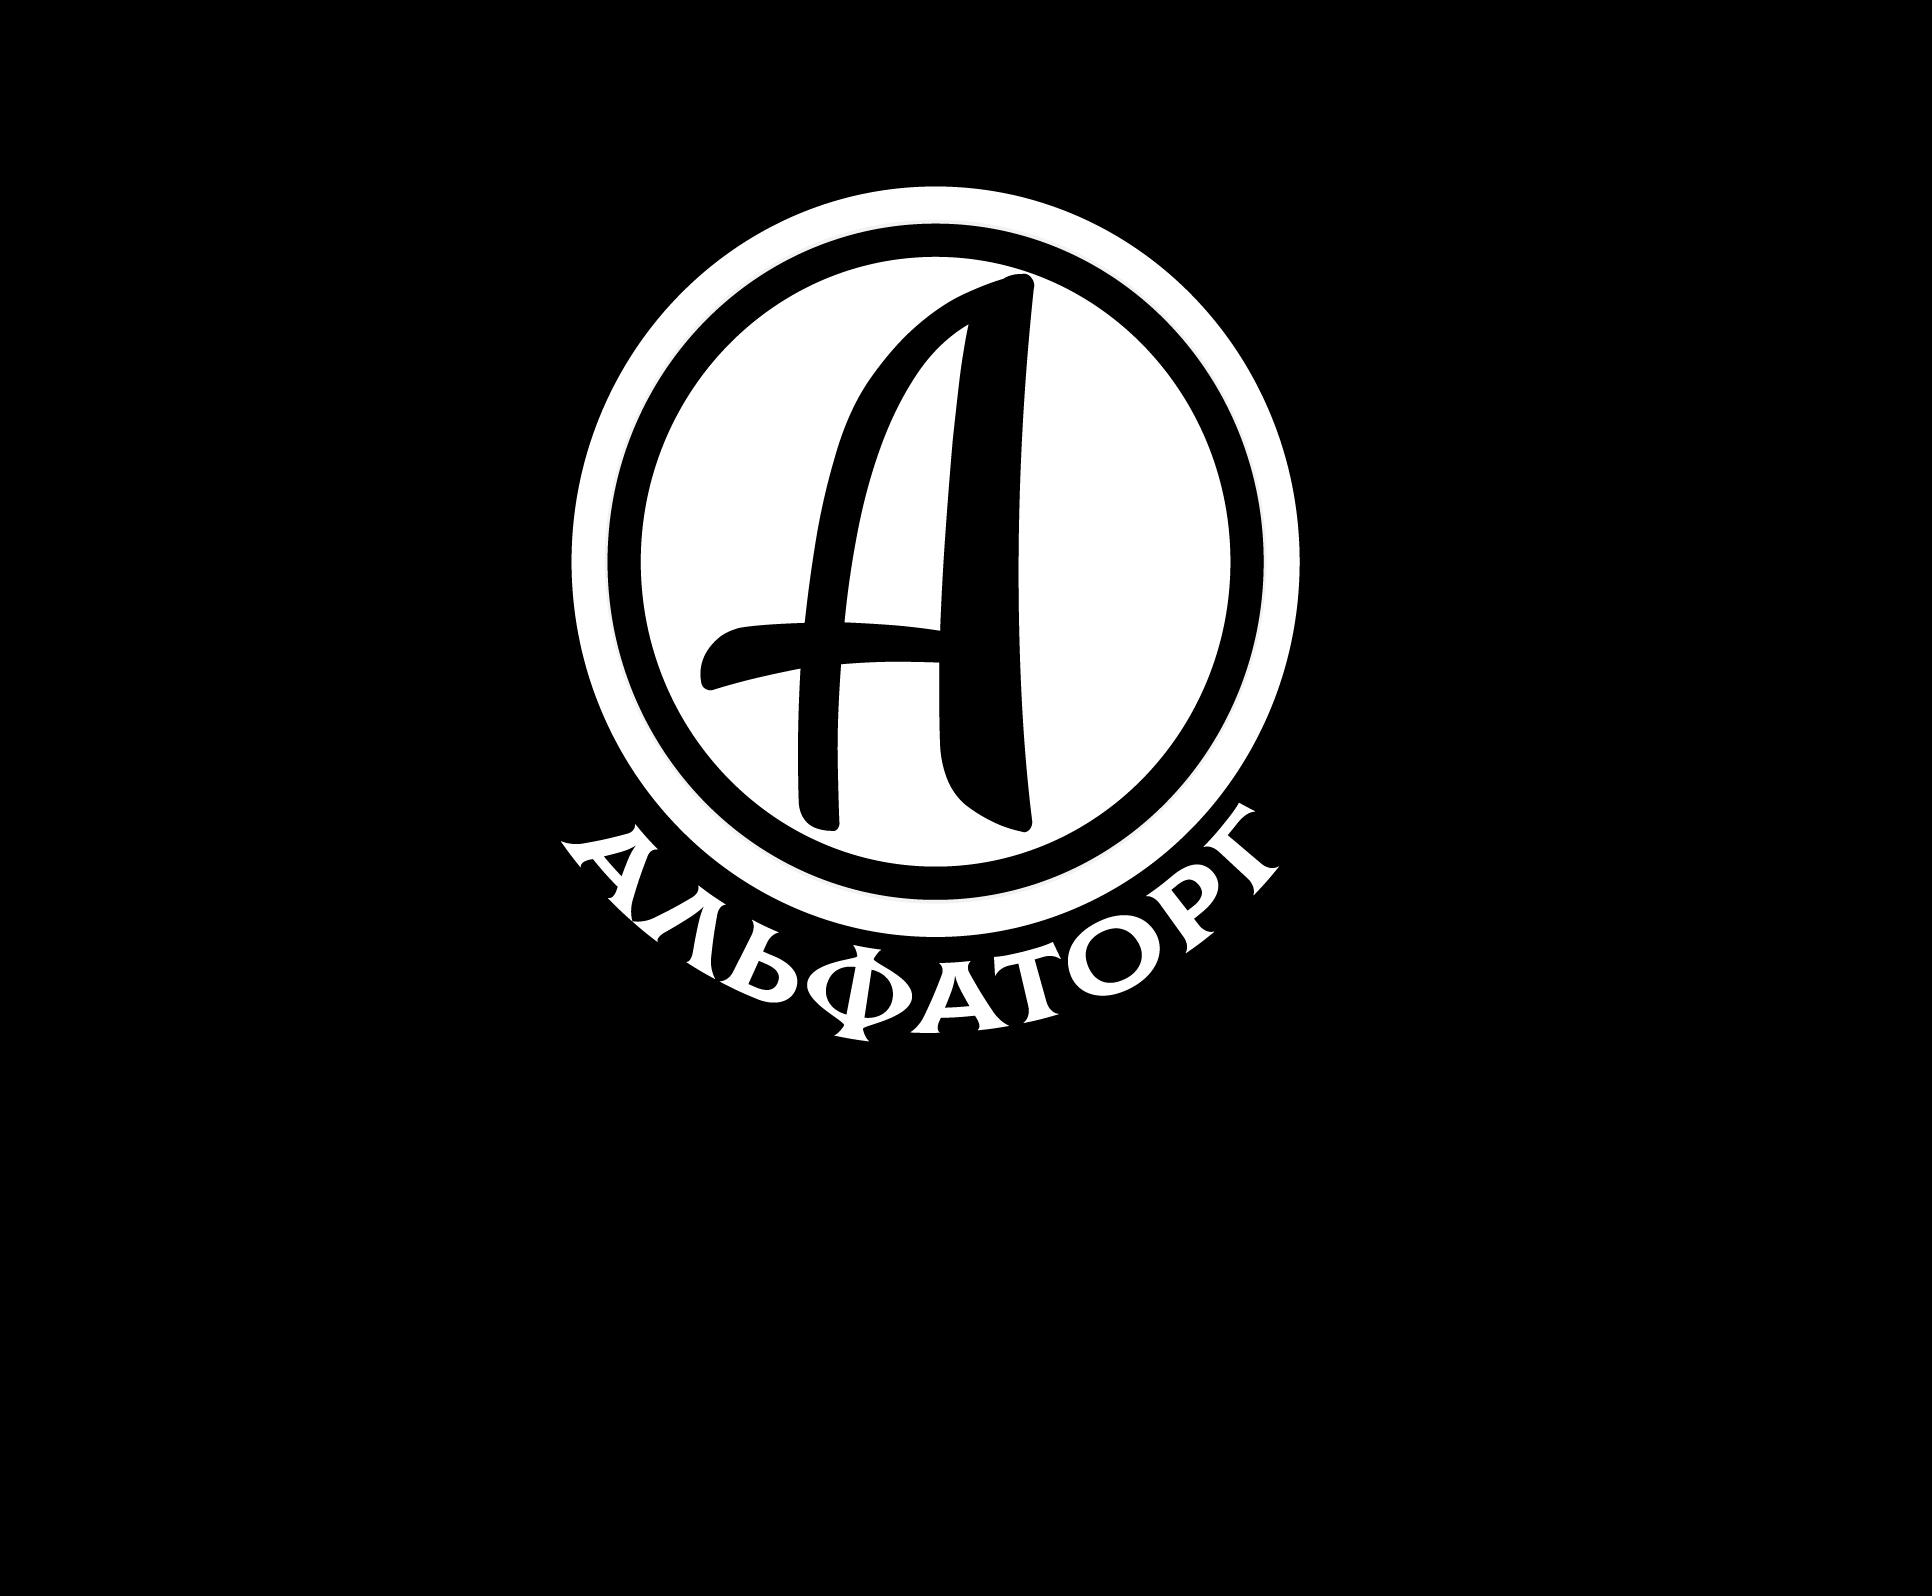 Логотип и фирменный стиль фото f_4625f0adc995226e.png